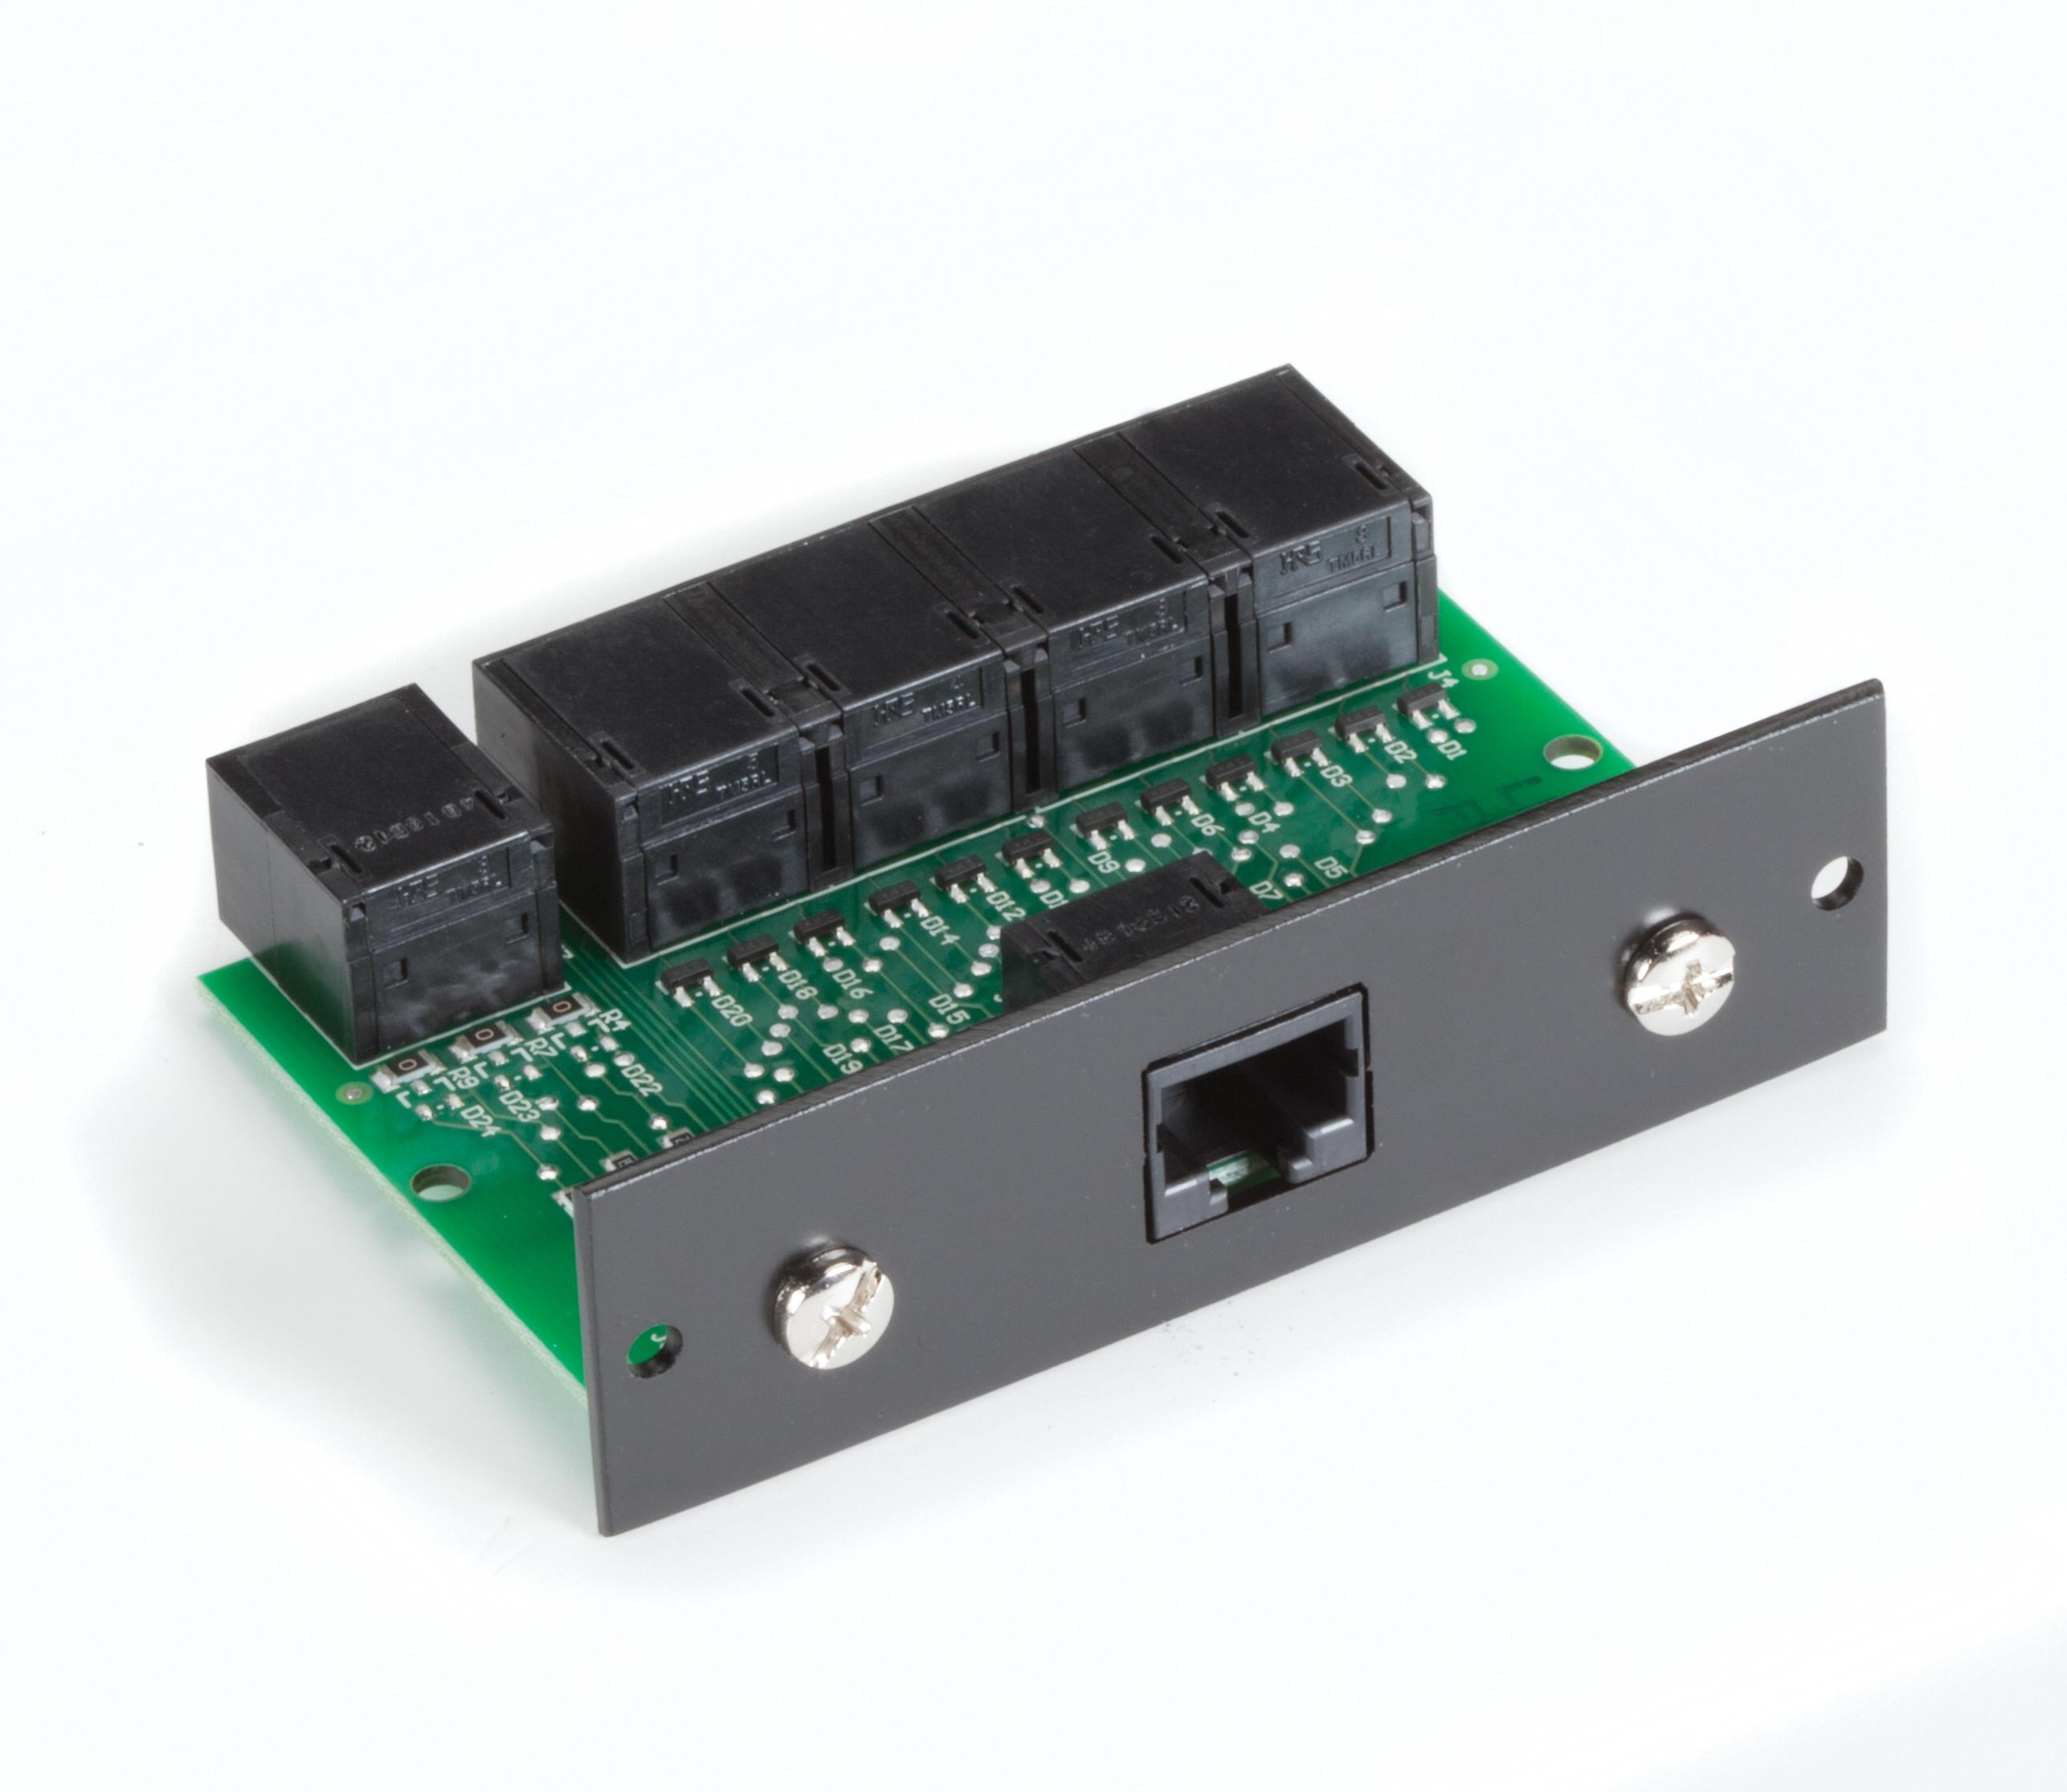 7 Port RS232 RJ45 Passive Splitter Rackmount Card